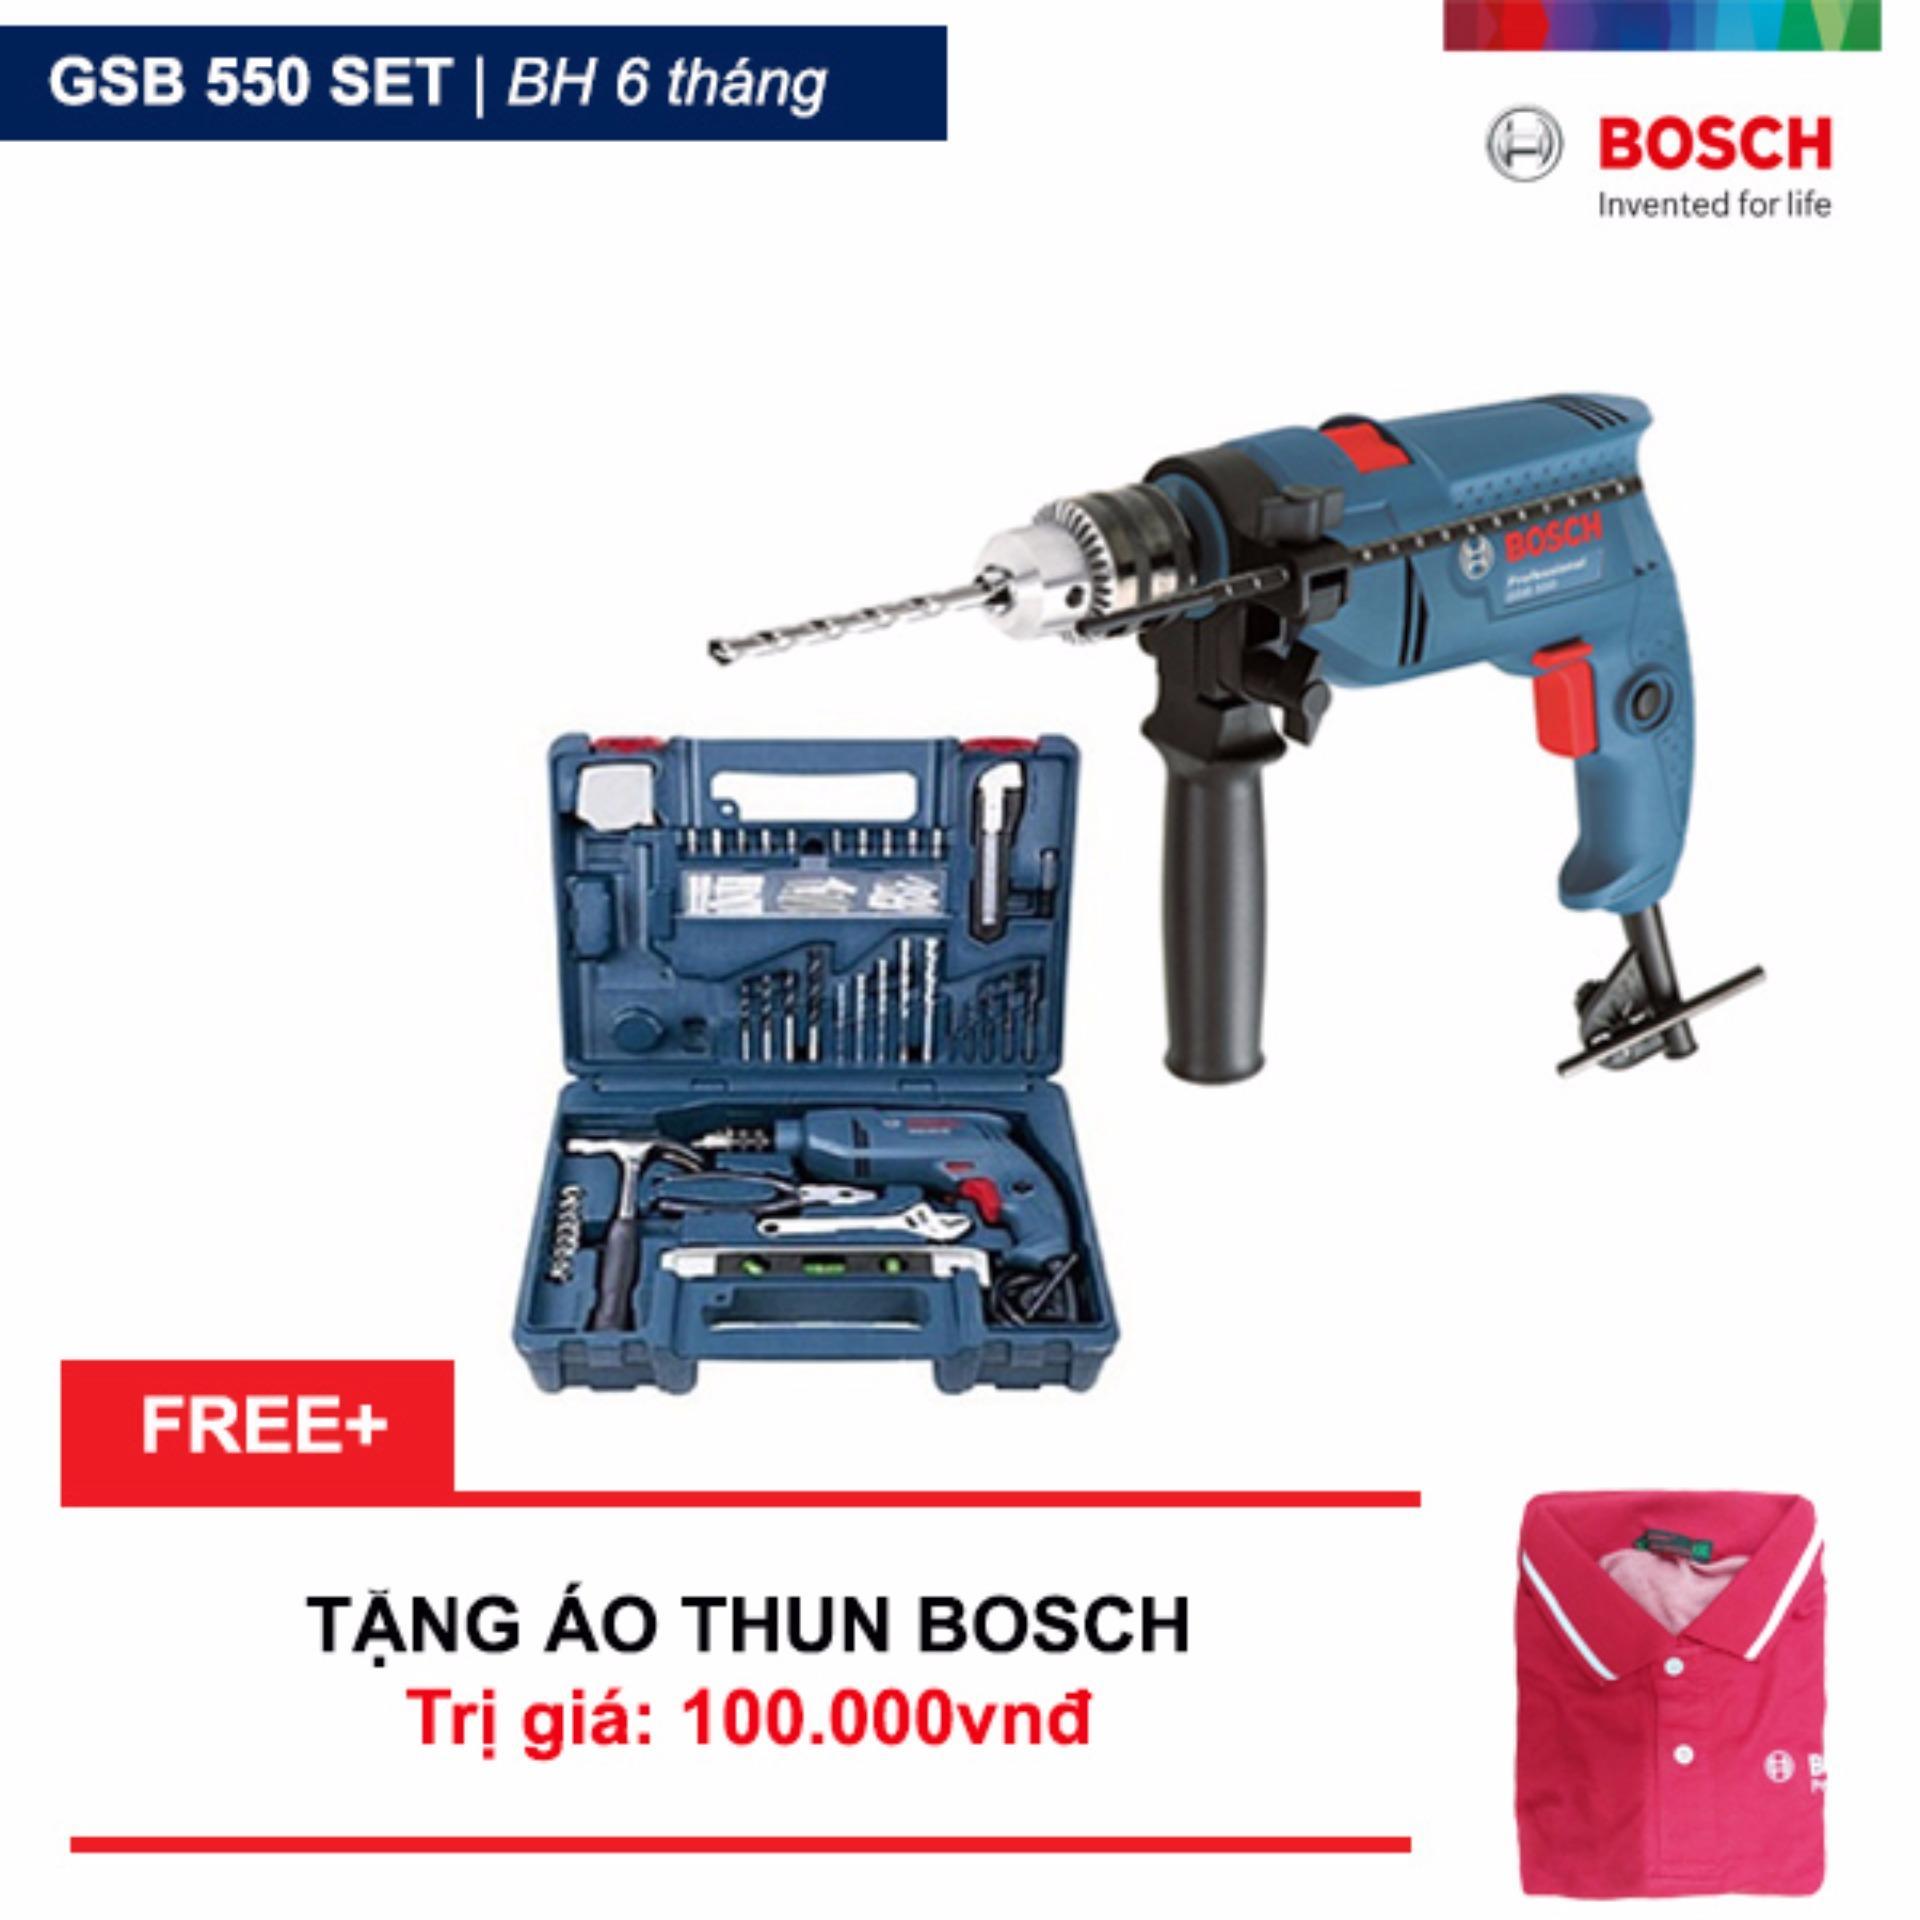 Mua Bộ May Khoan Động Lực Bosch Gsb 550 Va Bộ Dụng Cụ 100 Chi Tiết Bosch Tặng Ao Thun Bosch Trực Tuyến Rẻ